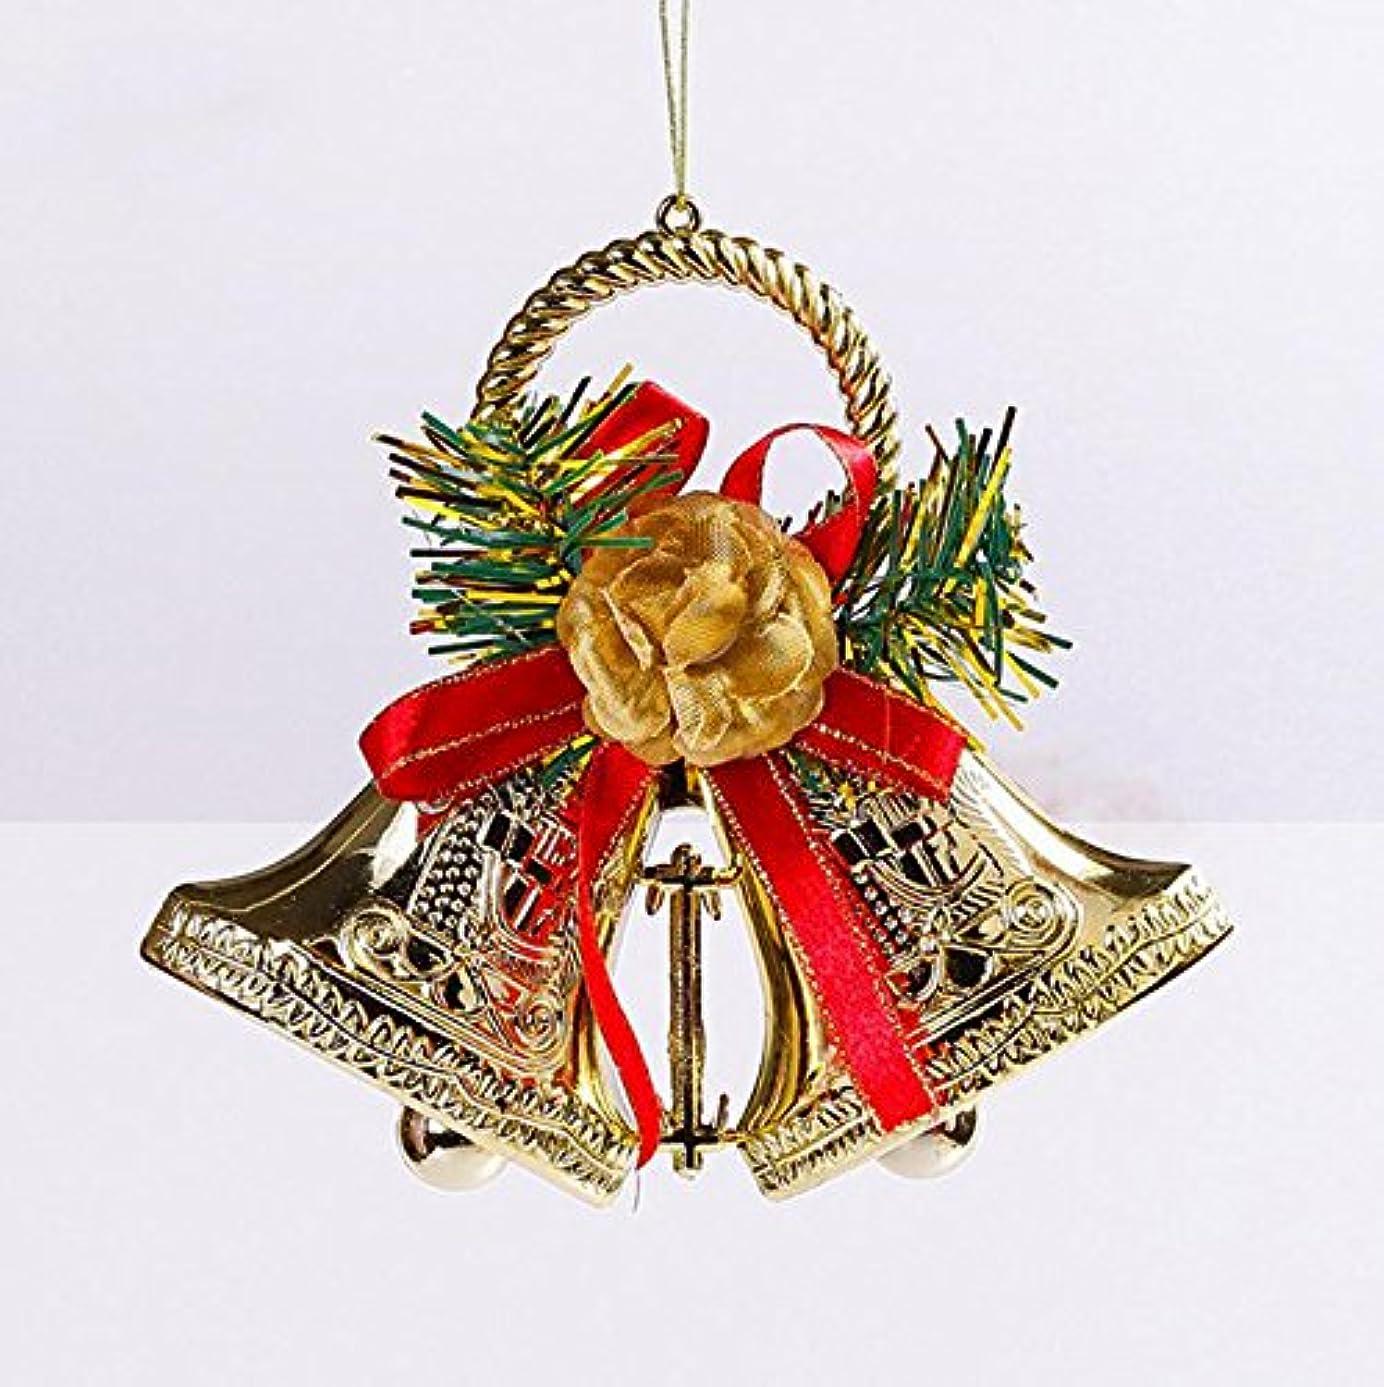 対処お茶ギャップクリスマスリース ベル 鈴 ゴールド キラキラ 玄関飾り ドア掛け クリスマスツリー飾り デコレーション かわいい お洒落 リボン付き